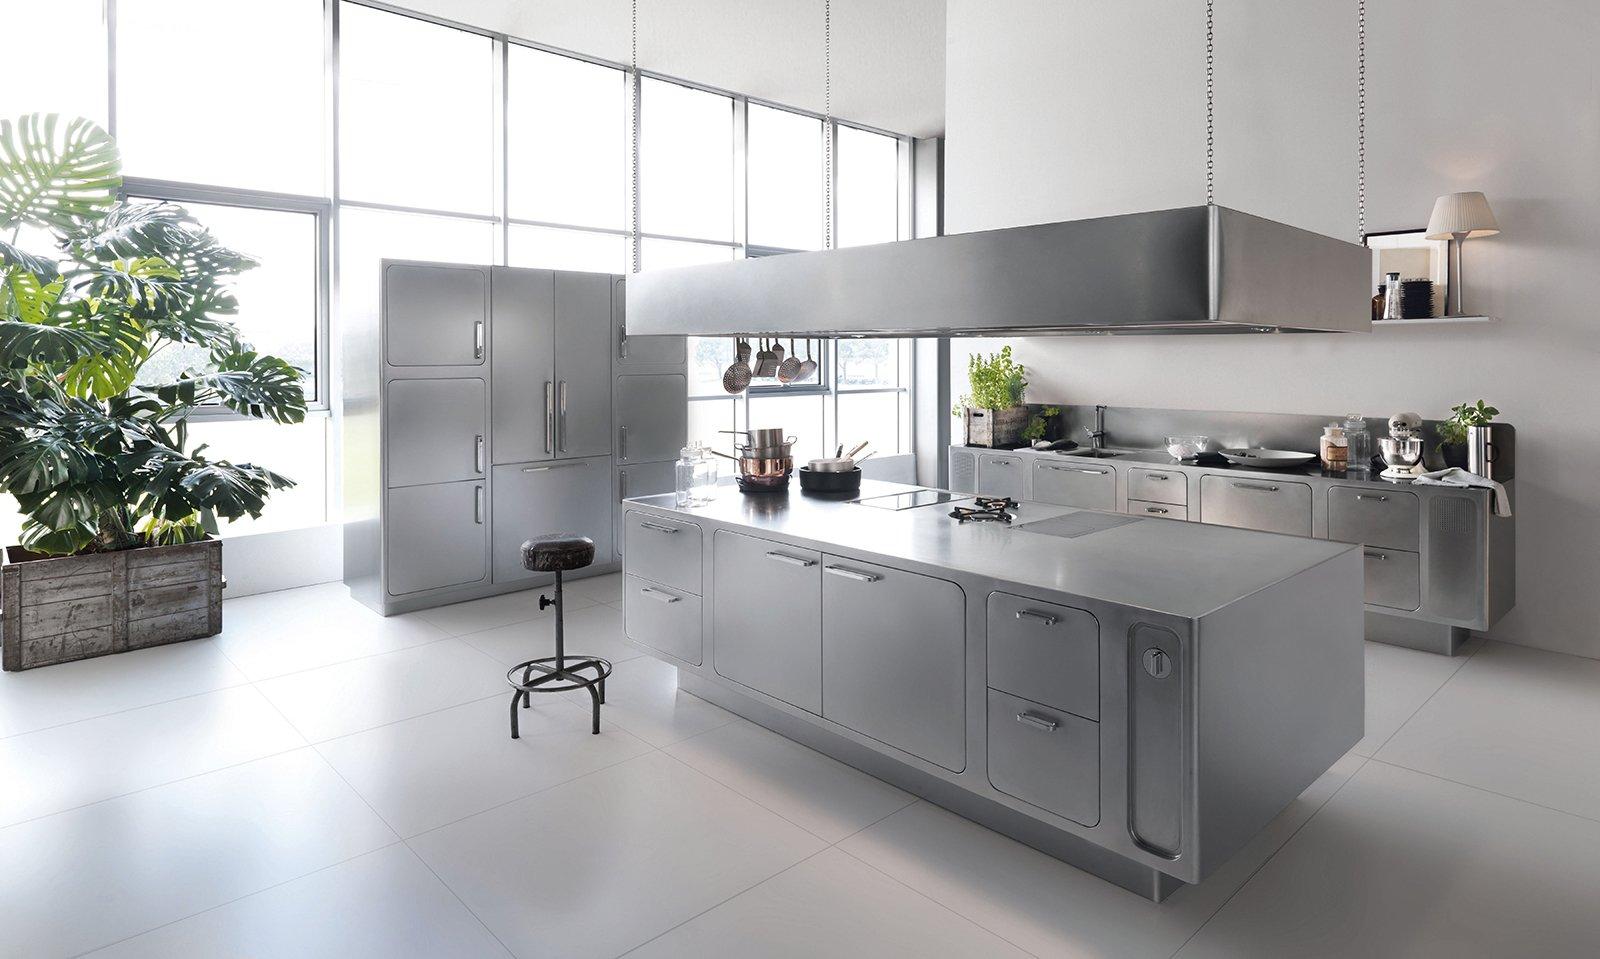 Le Protagoniste Di Diesel Social Kitchen Di Scavolini Sono Le Ante In  #687144 1600 959 Foto Di Cucine Vecchie